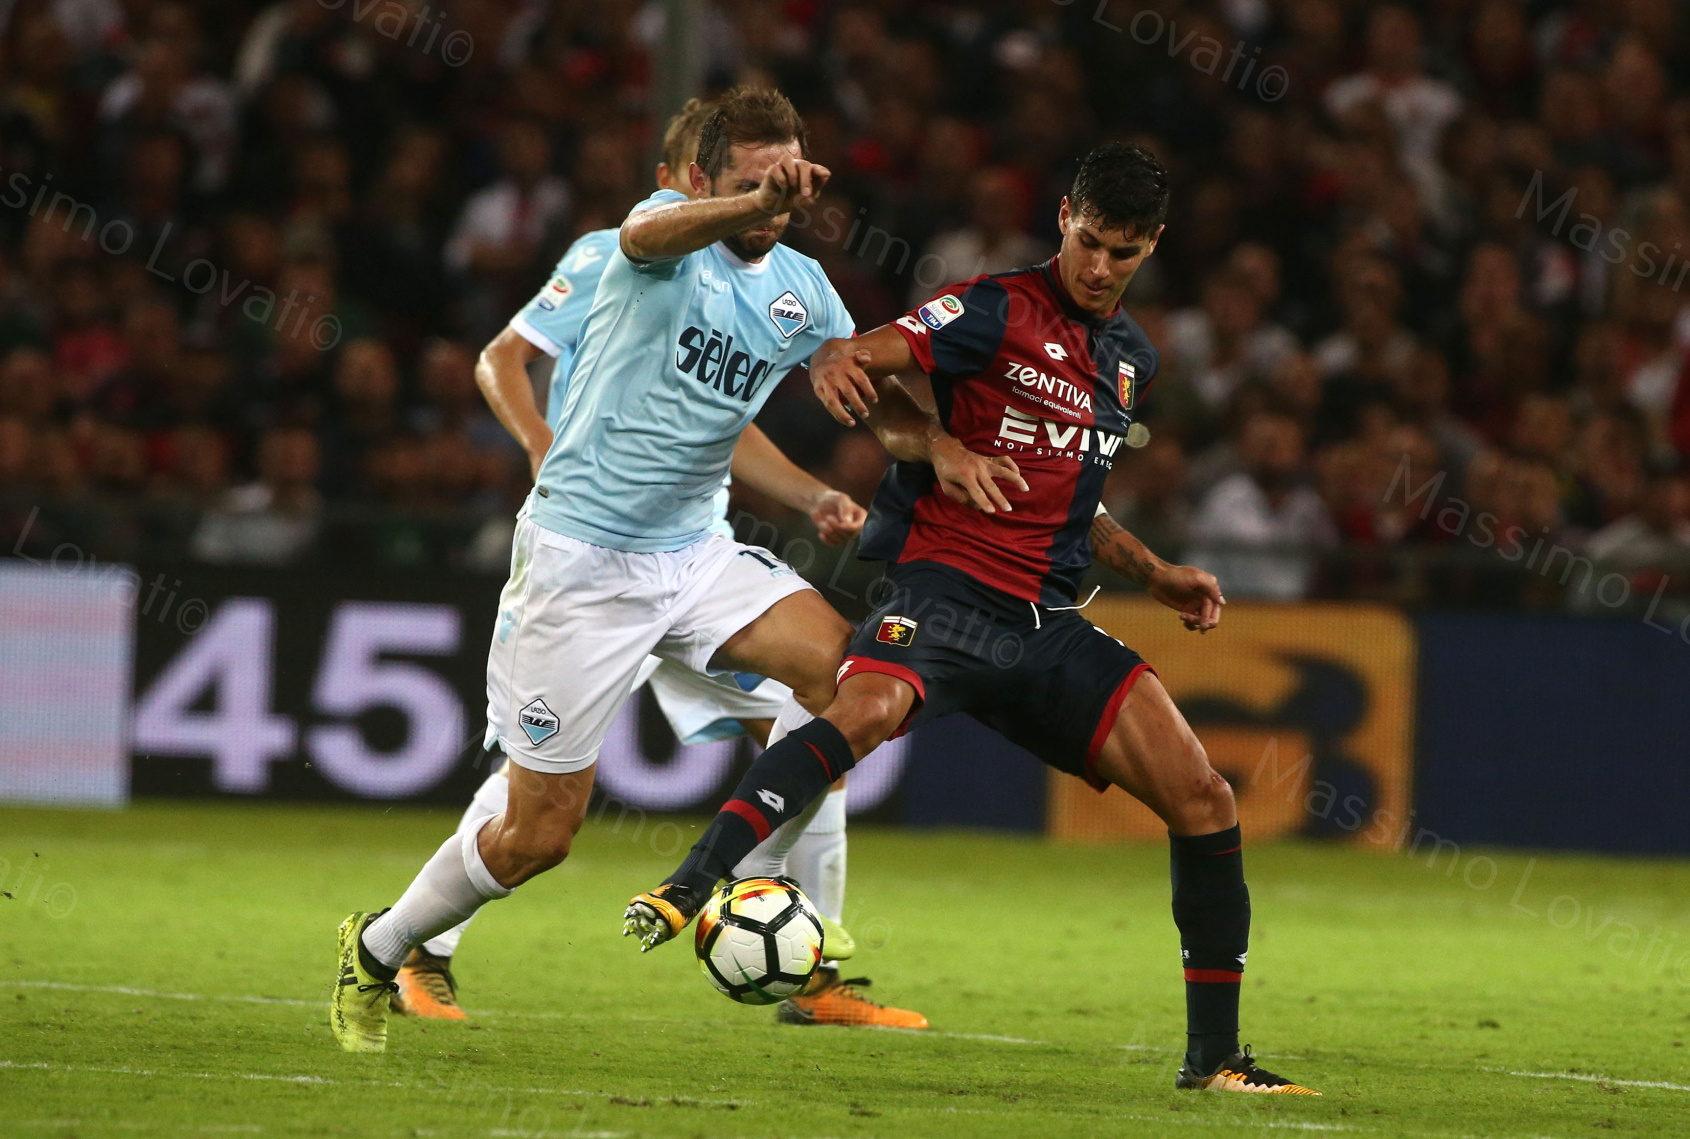 Genoa - Lazio 2017/2018, Pellegri in azione